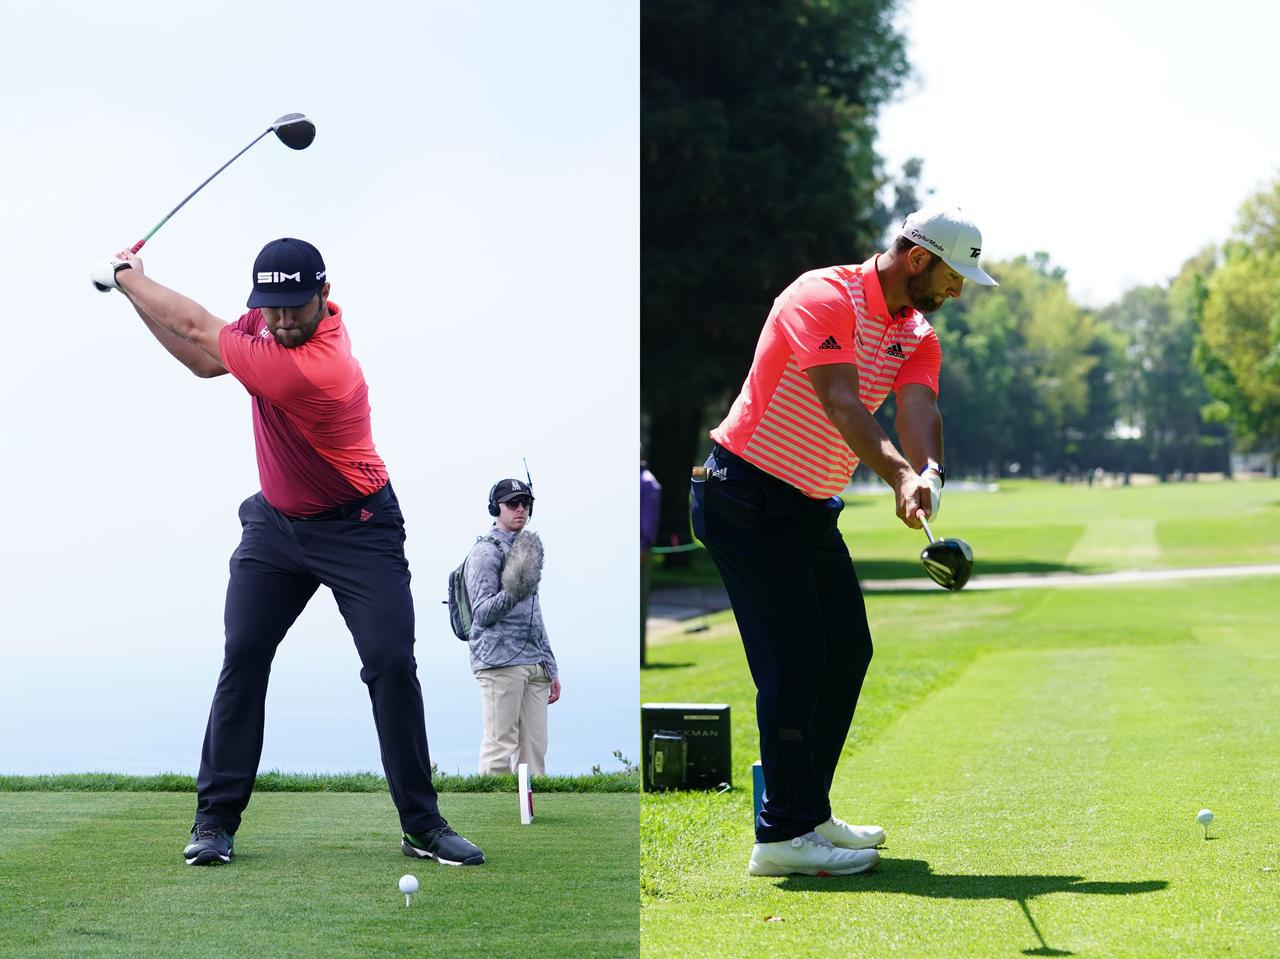 画像: ショートバックスウィングが特徴的なジョン・ラーム。写真左はトップだが、縦コックの動作が入っていないことがよくわかる